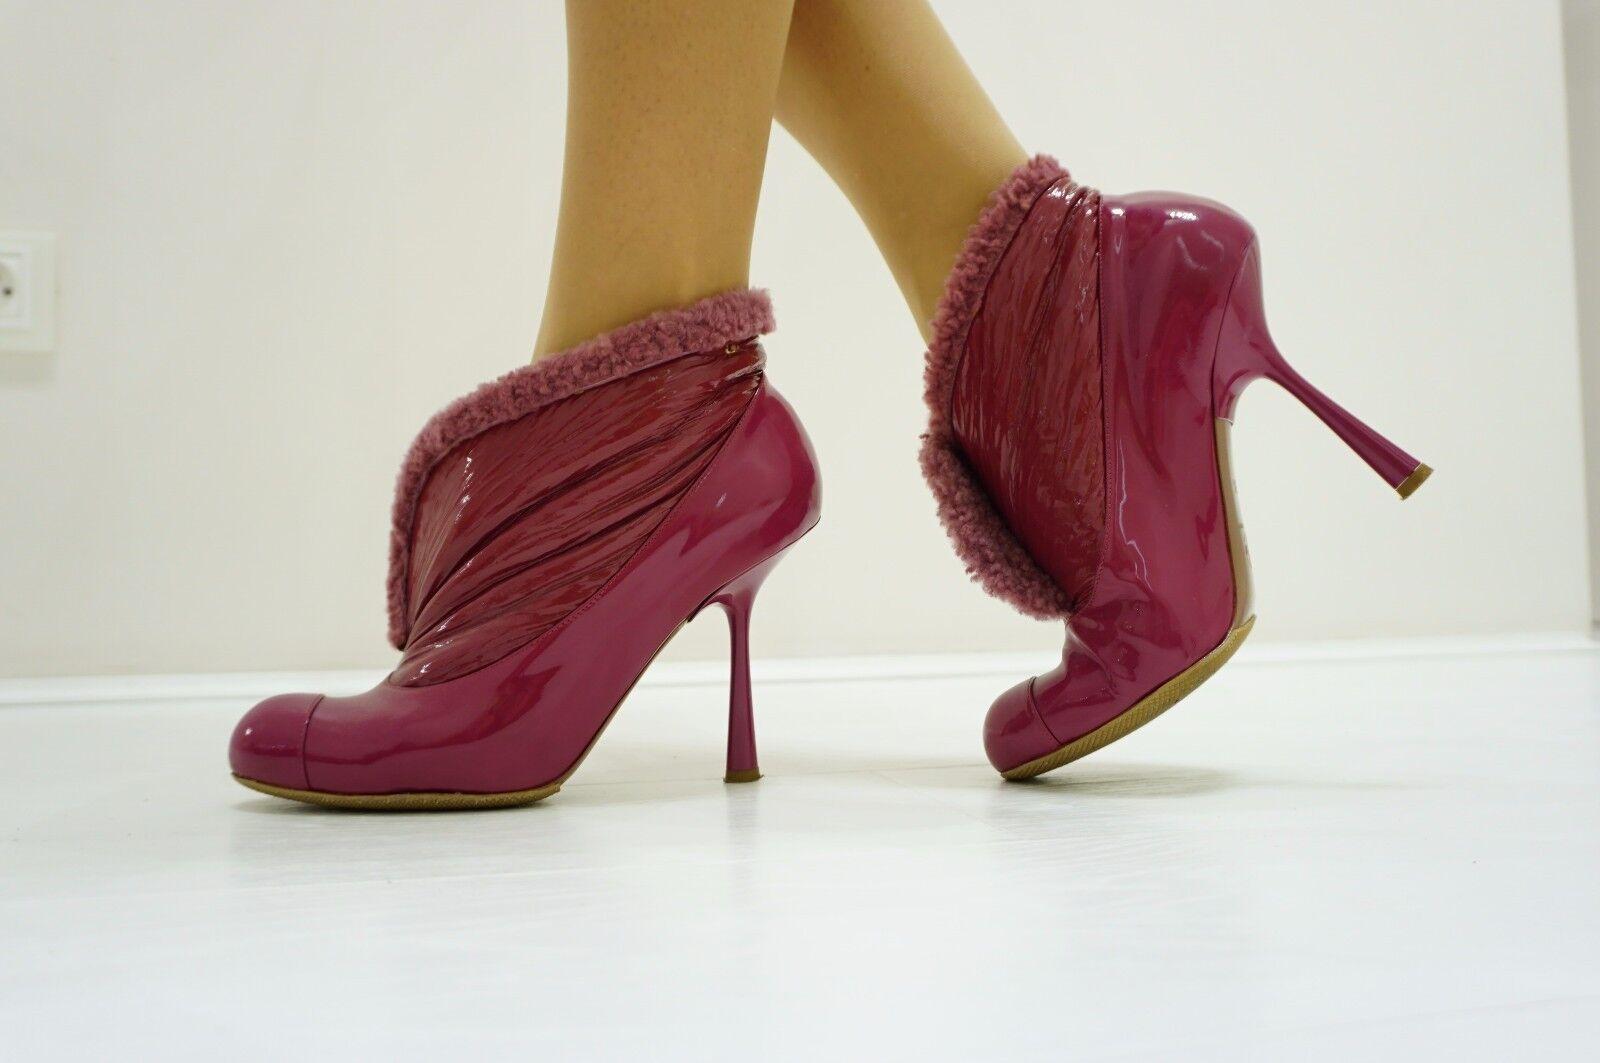 Victor & Rolf EU EU EU 38,5 Fashion - Design zapatos  autentico en linea